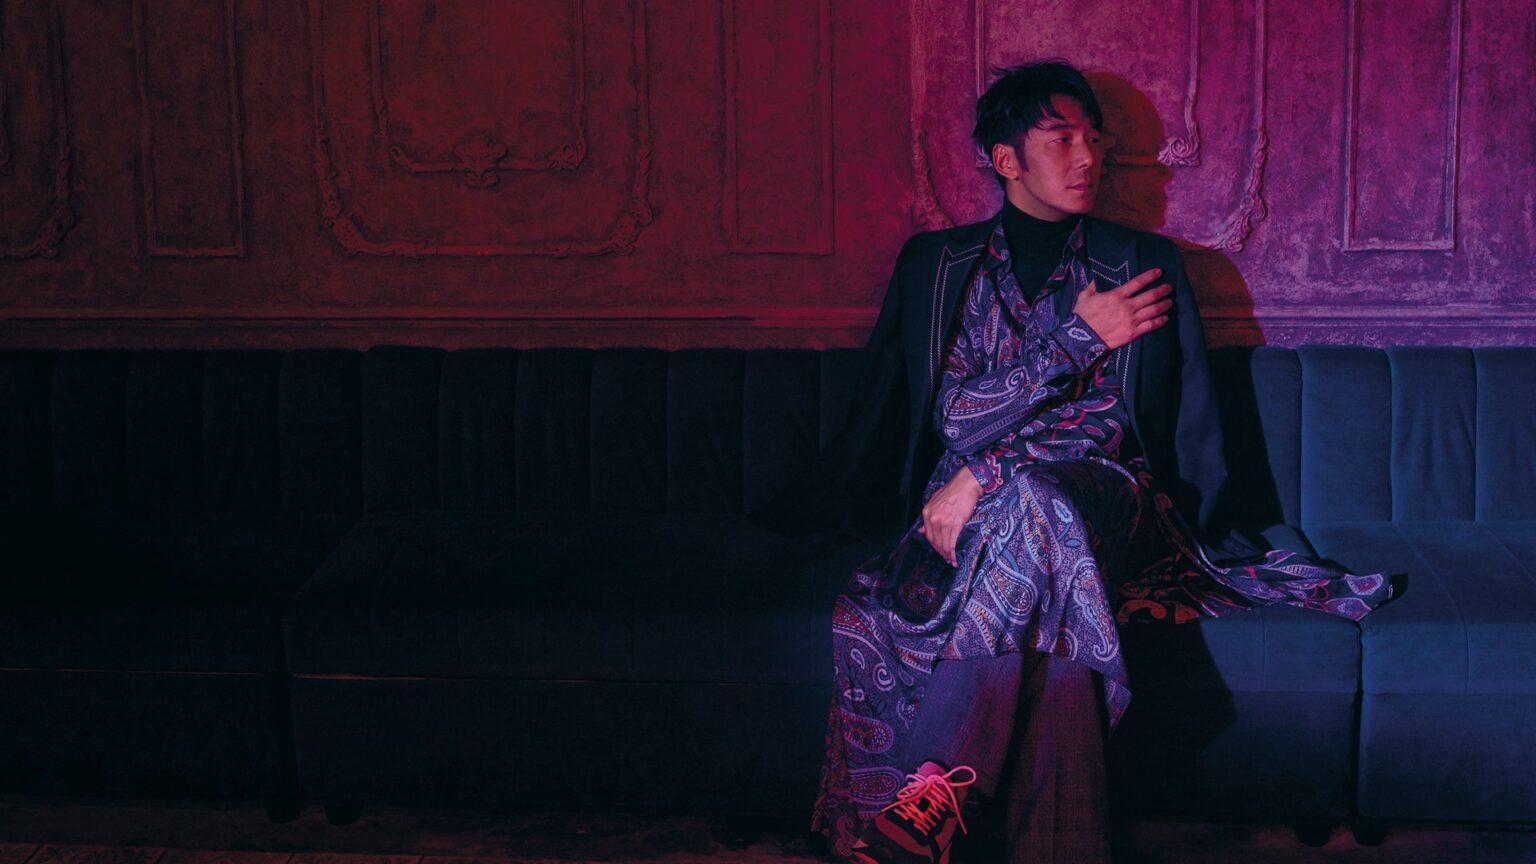 李李仁為她激瘦13公斤,演出《Miss Andy迷失安狄》精彩幕後 | Vogue Taiwan